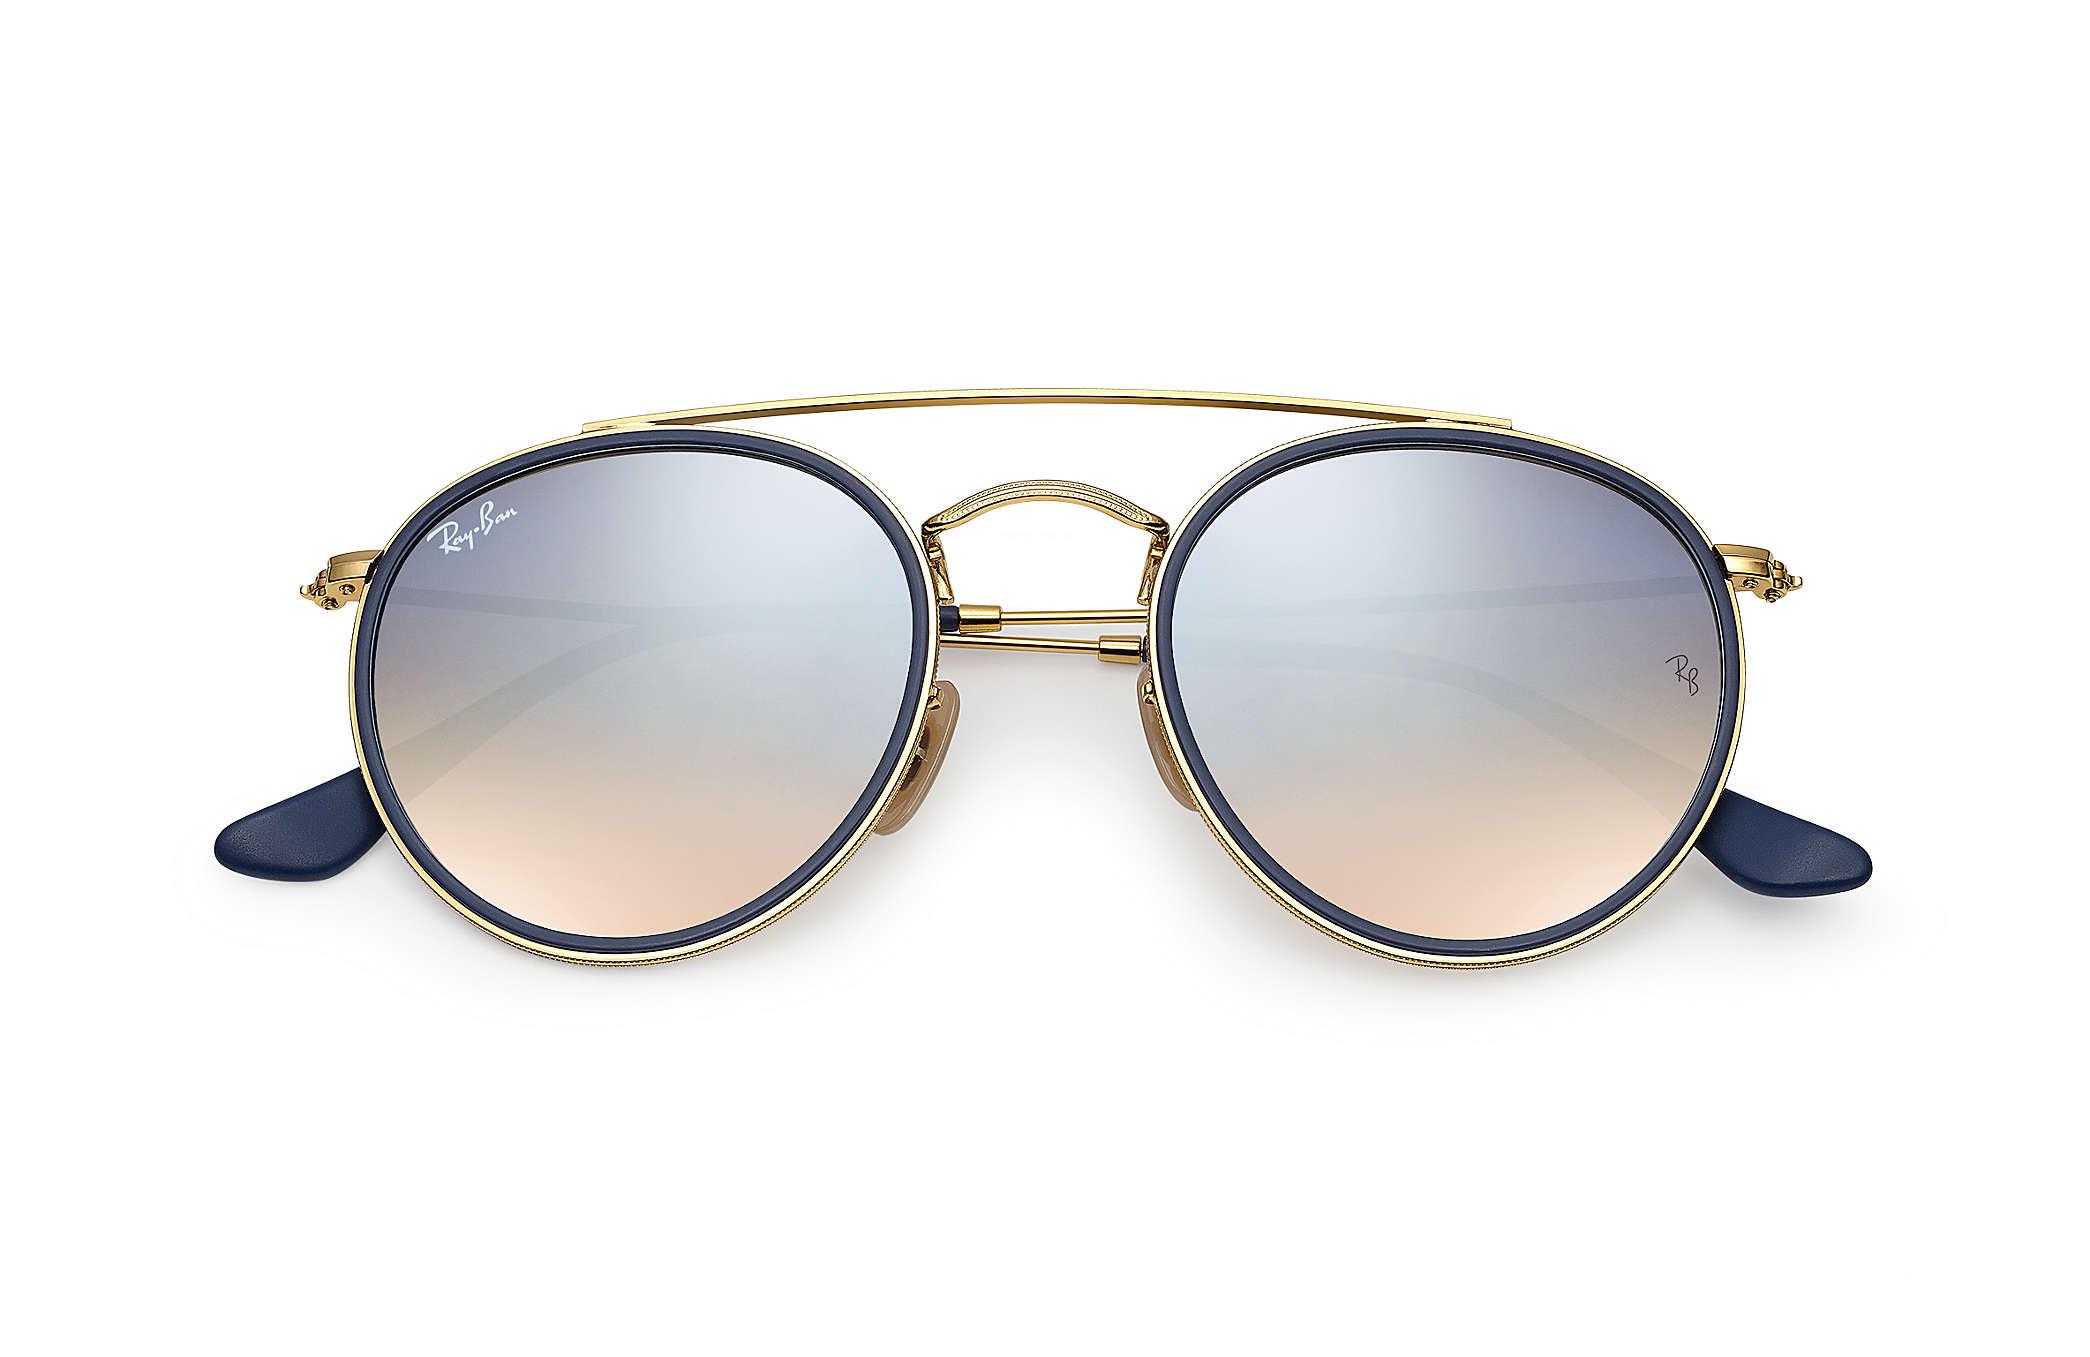 Очки с двойной дужкой от фирмы Ray-Ban